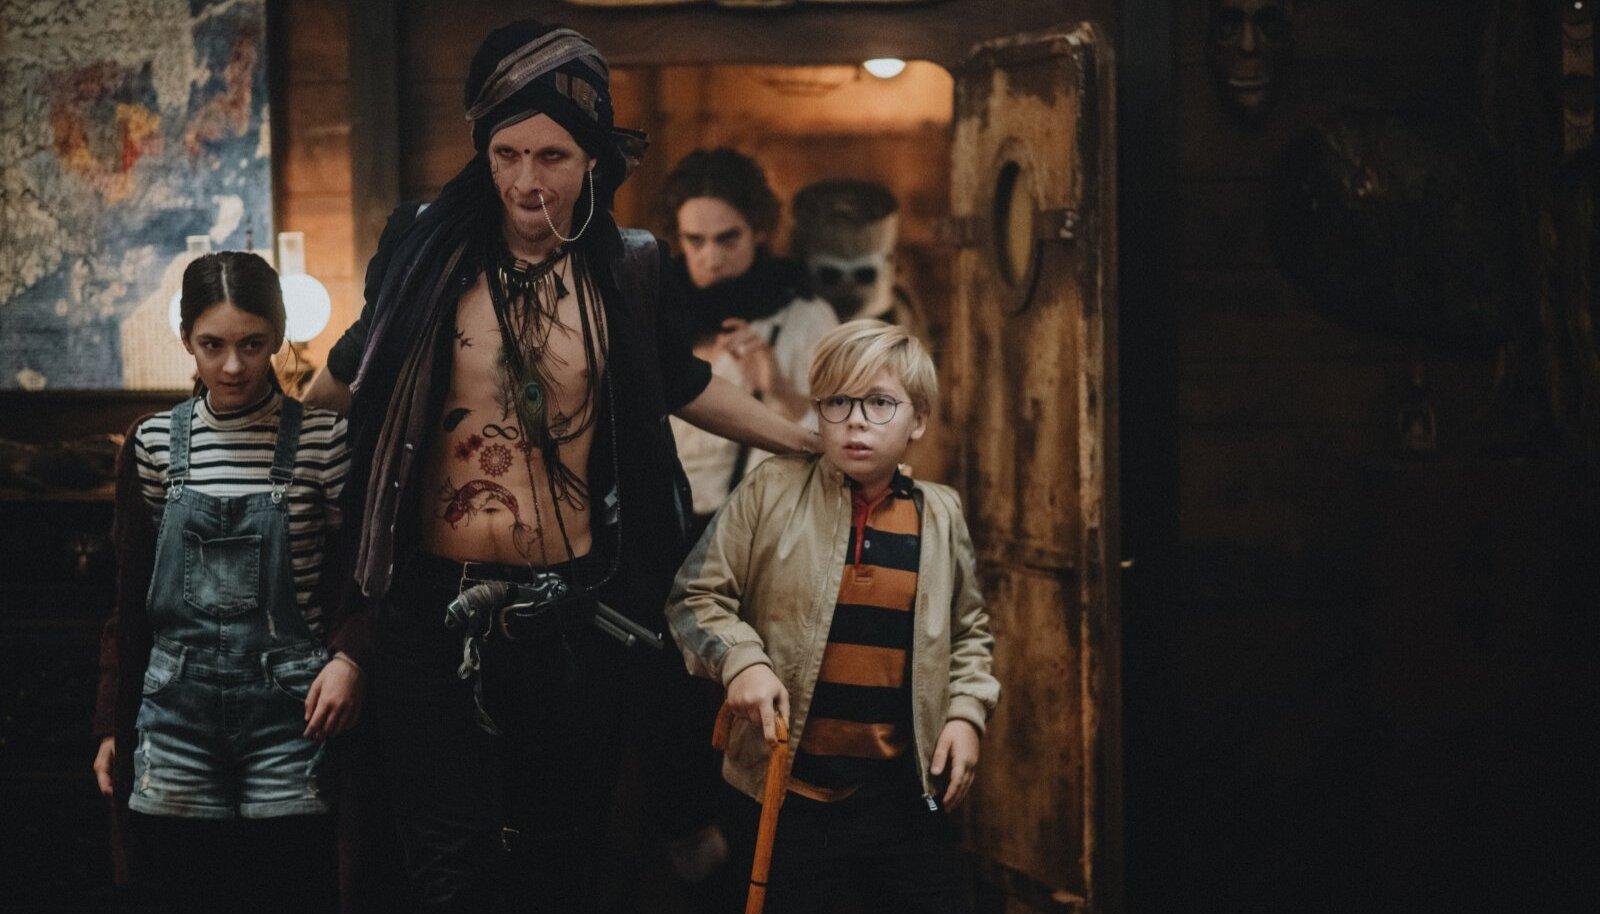 """""""Kui filmi ei ole võimalik sel aastal ära filmida, võib sellest saada kui Alice imdemaal, kus laeval on kaks last, kuid sealt maha astuvad juba teismelised."""" Vasakult Maria (Florin Gussak), Pikk piraat (Nero Urke), Erik (Herman Avandi), nende taga Külmking (Juhan Ulfsak) ja Ämberpea (Nickel Bösenberg)"""